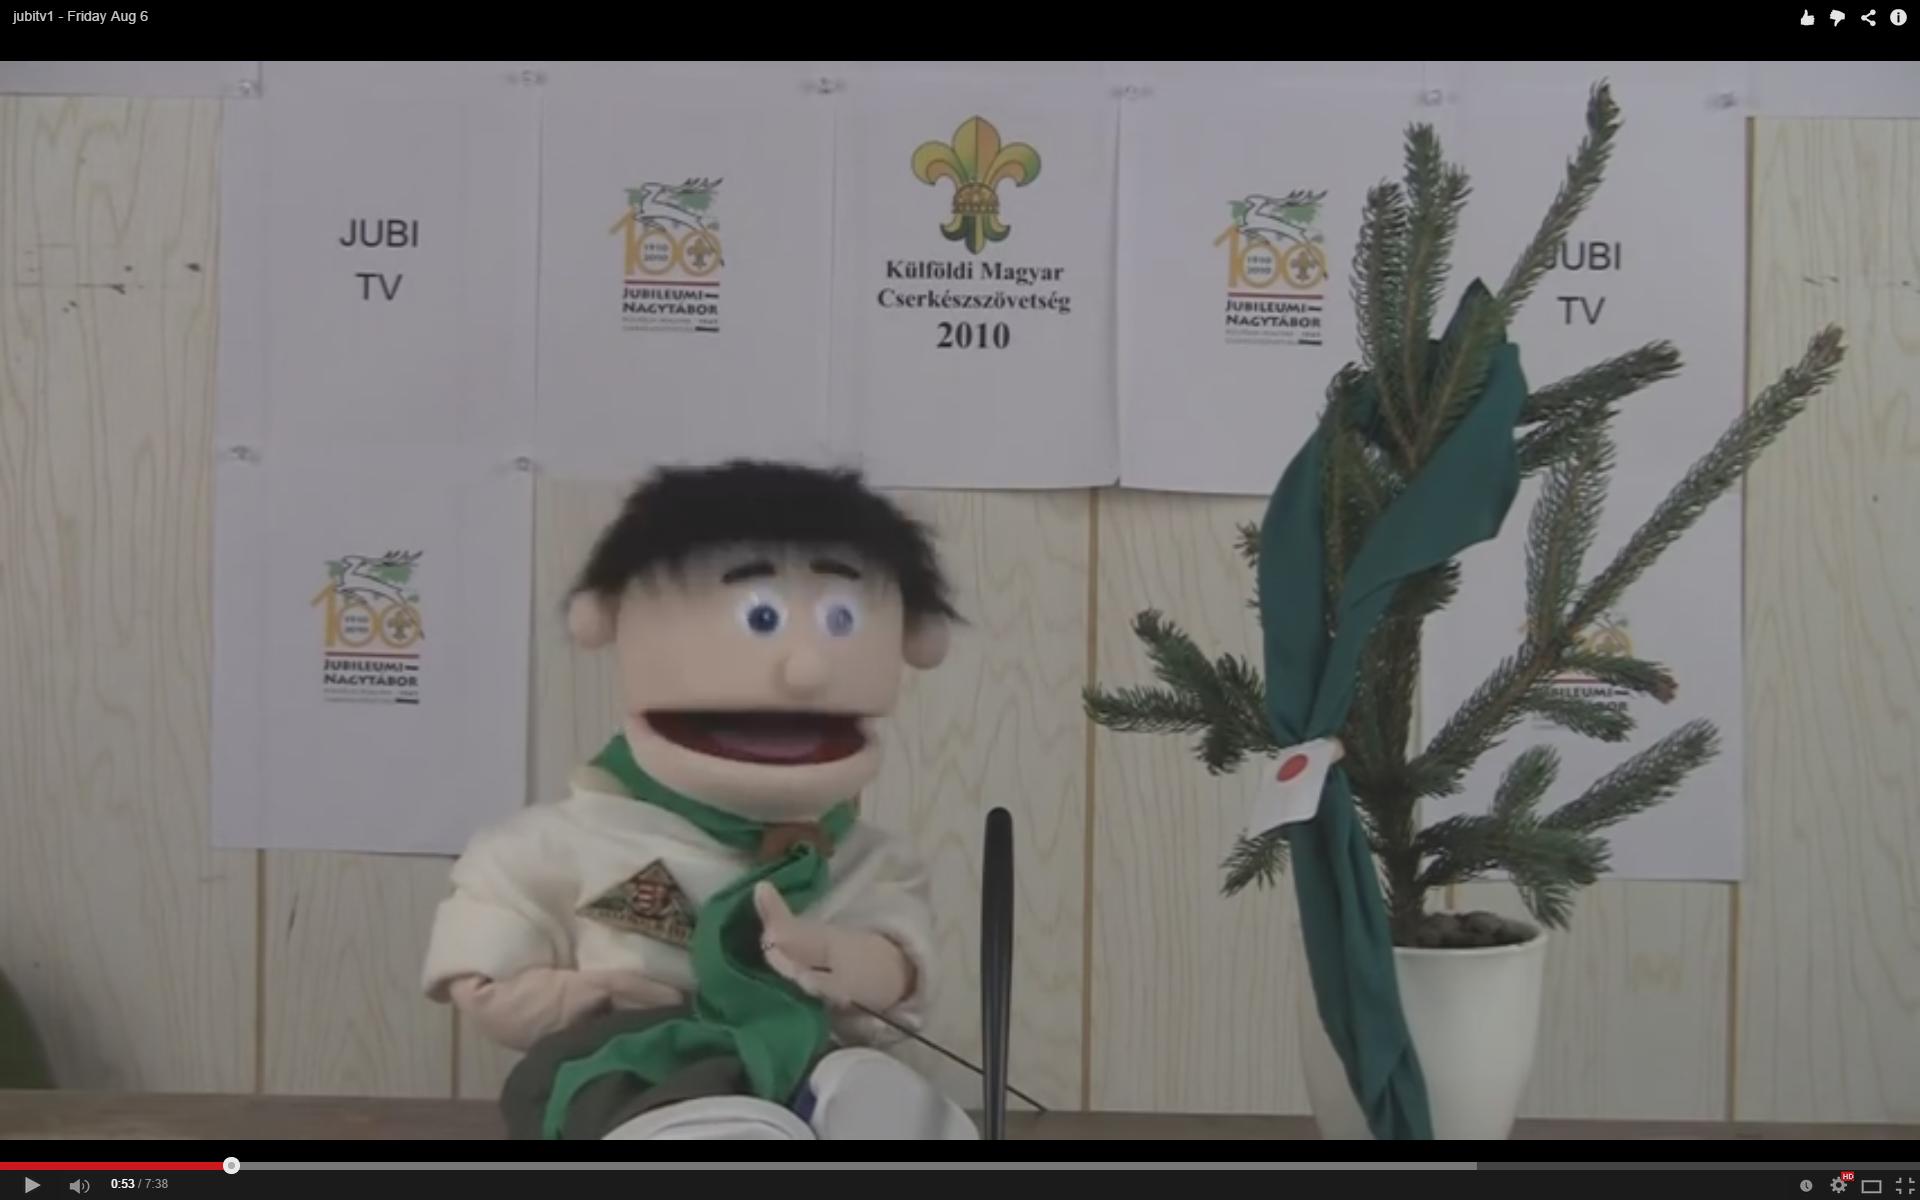 JubiTV 2010 – 1. rész – aug. 5